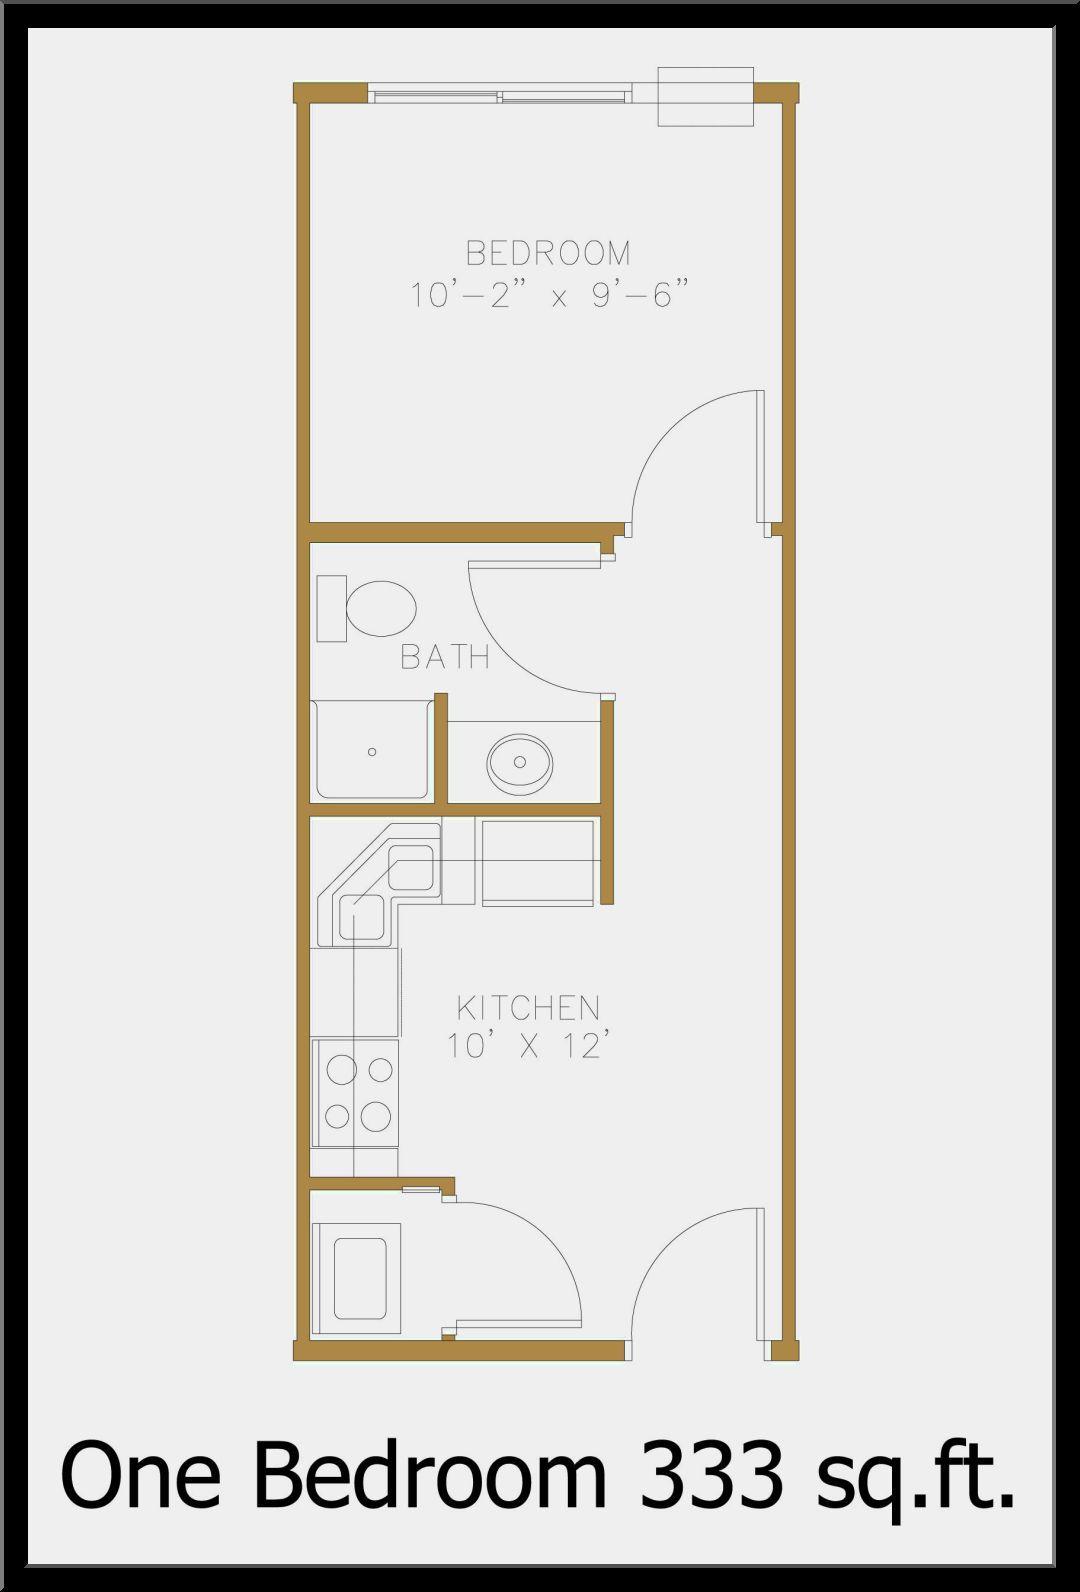 1 Bedroom 1 Bathroom Floor Plans - //www.smallbathrooms.club/1 ... on 10 x 6 bathroom designs, 9 x 12 bathroom designs, 2 x 6 bathroom designs, 4 x 10 bathroom designs, 9 x 9 bathroom designs, 9 x 14 bathroom designs, 3 x 8 bathroom designs, 10x10 bathroom designs, luxury bathroom designs, 7 x 14 bathroom designs, small bathroom designs, 12 x 14 bathroom designs, 10 x 14 bathroom plans, 10 x 18 bathroom designs, simple bathroom designs, 10 x 9 bathroom designs, 7 x 9 bathroom designs, best bathroom designs, 5 x 15 bathroom designs, 10 x 14 bathroom designs,